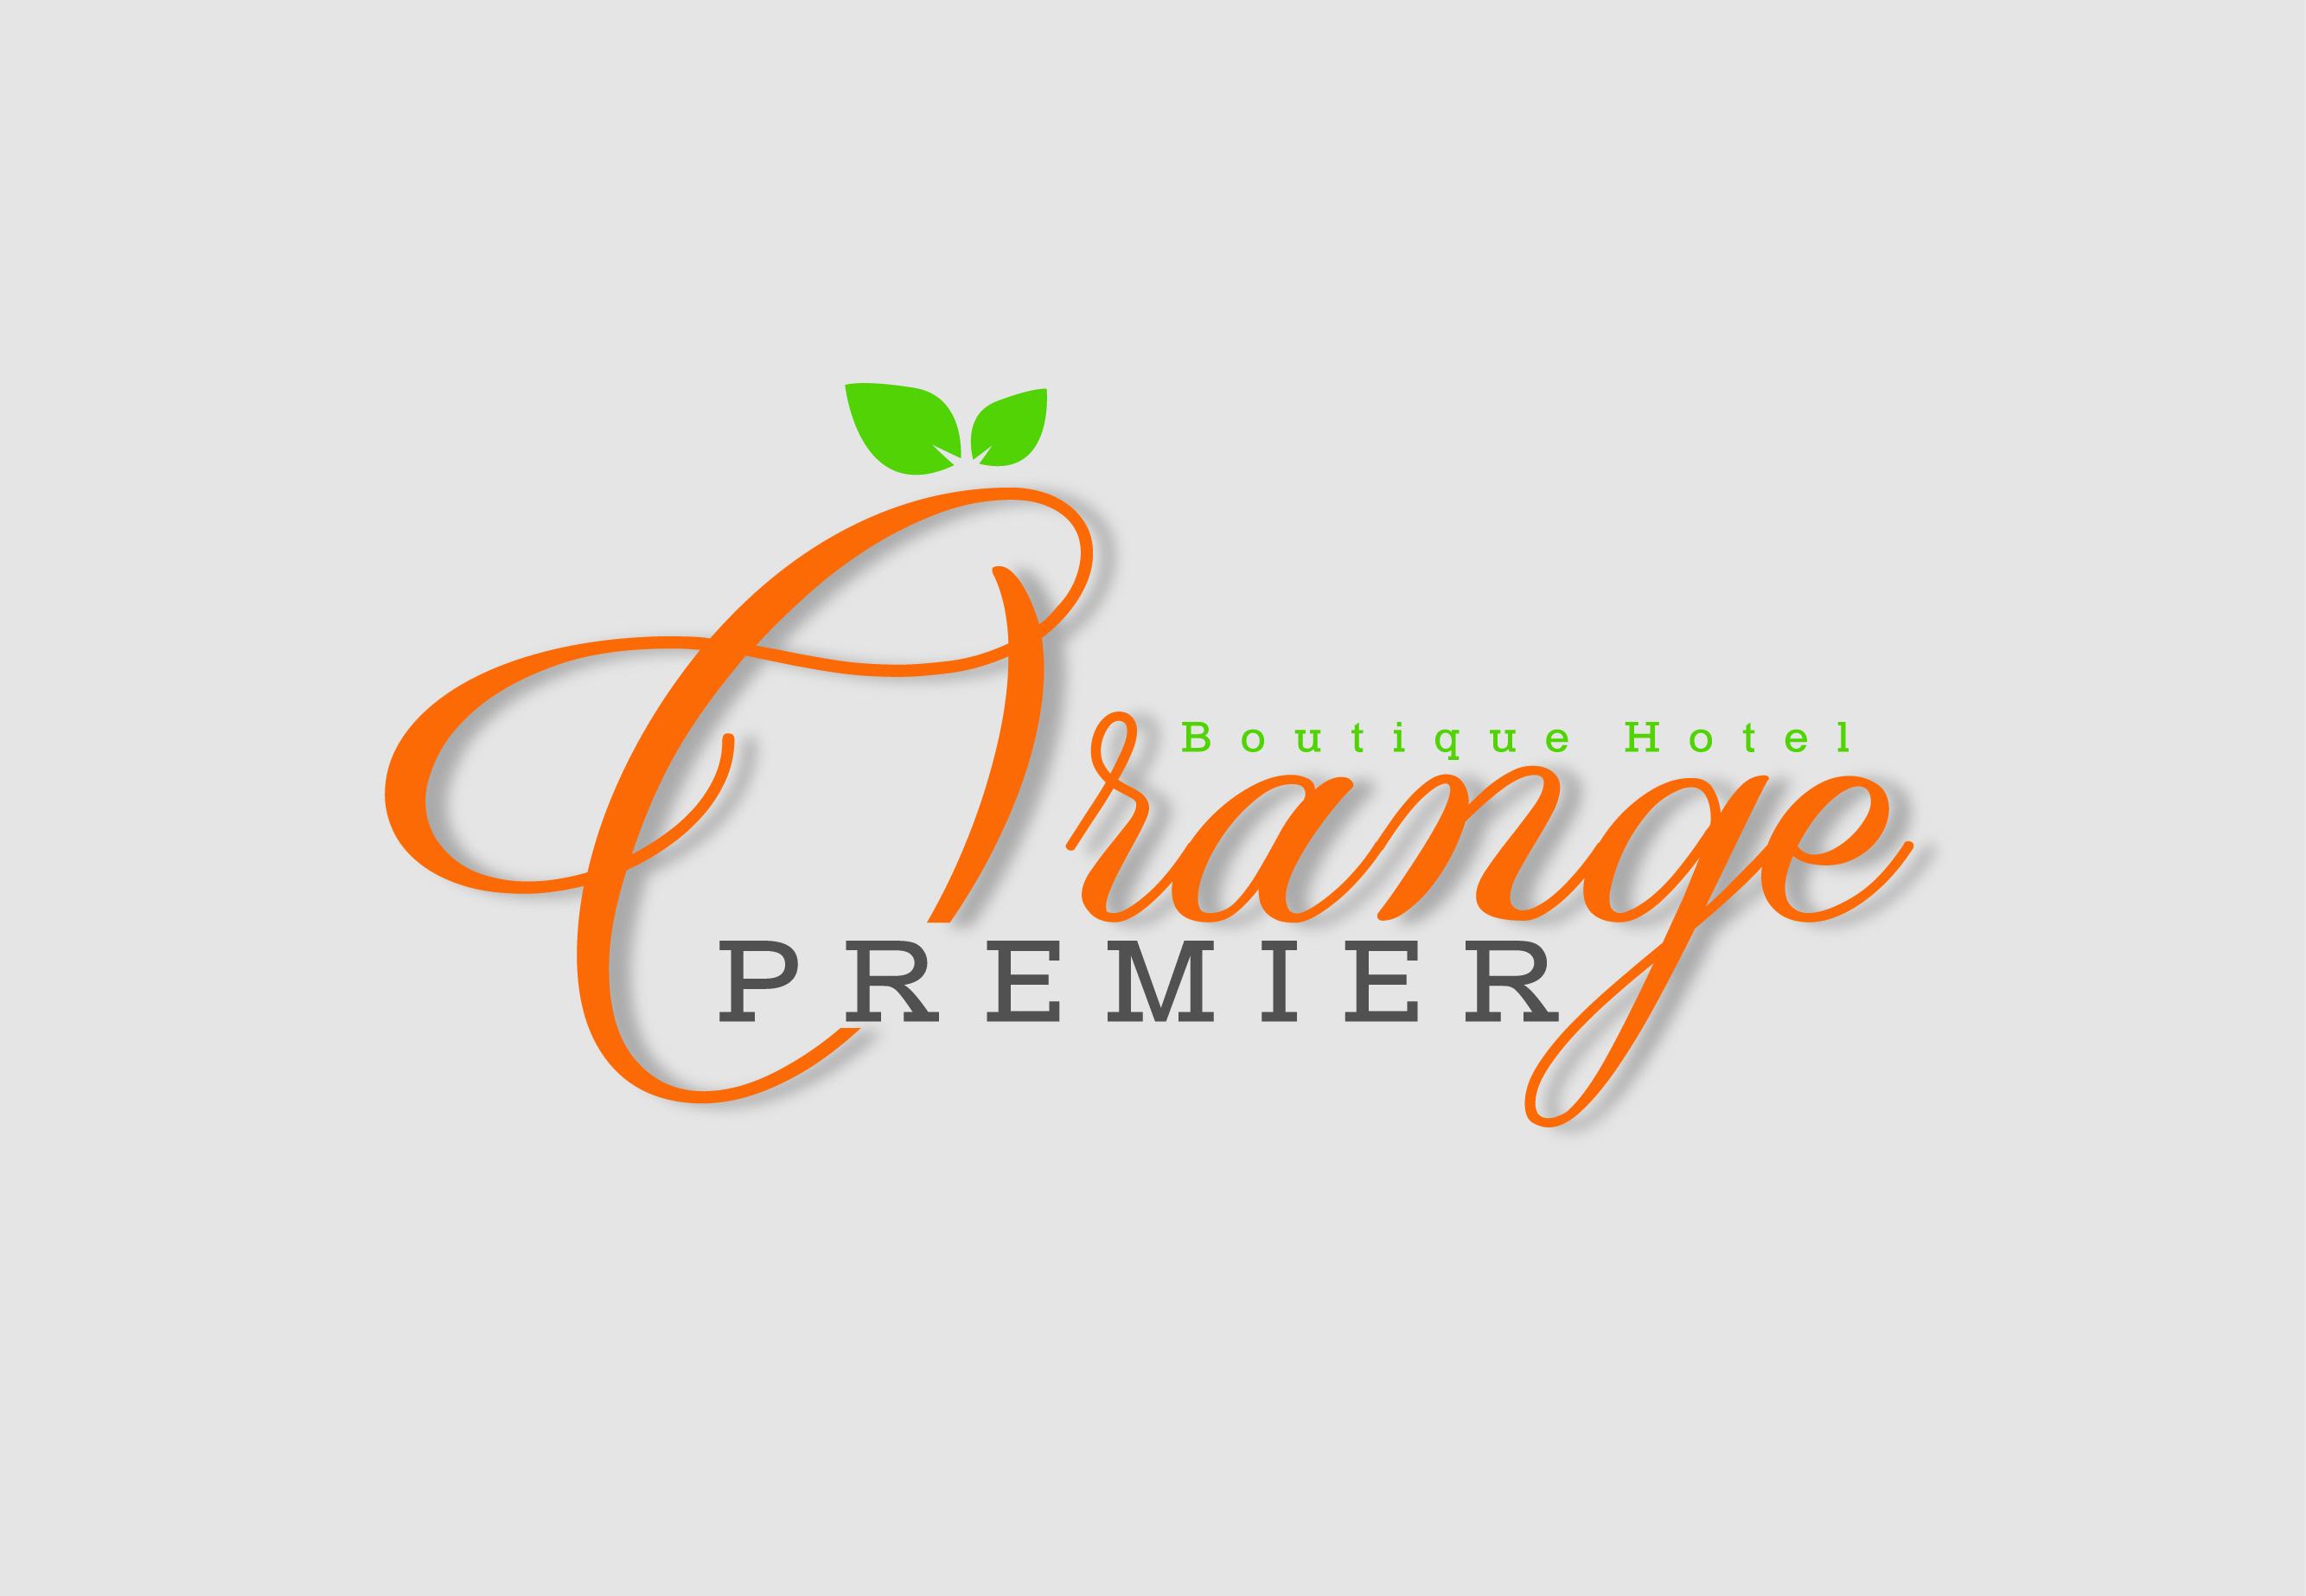 Logo Design by Allan Esclamado - Entry No. 24 in the Logo Design Contest Captivating Logo Design for Orange Premier.